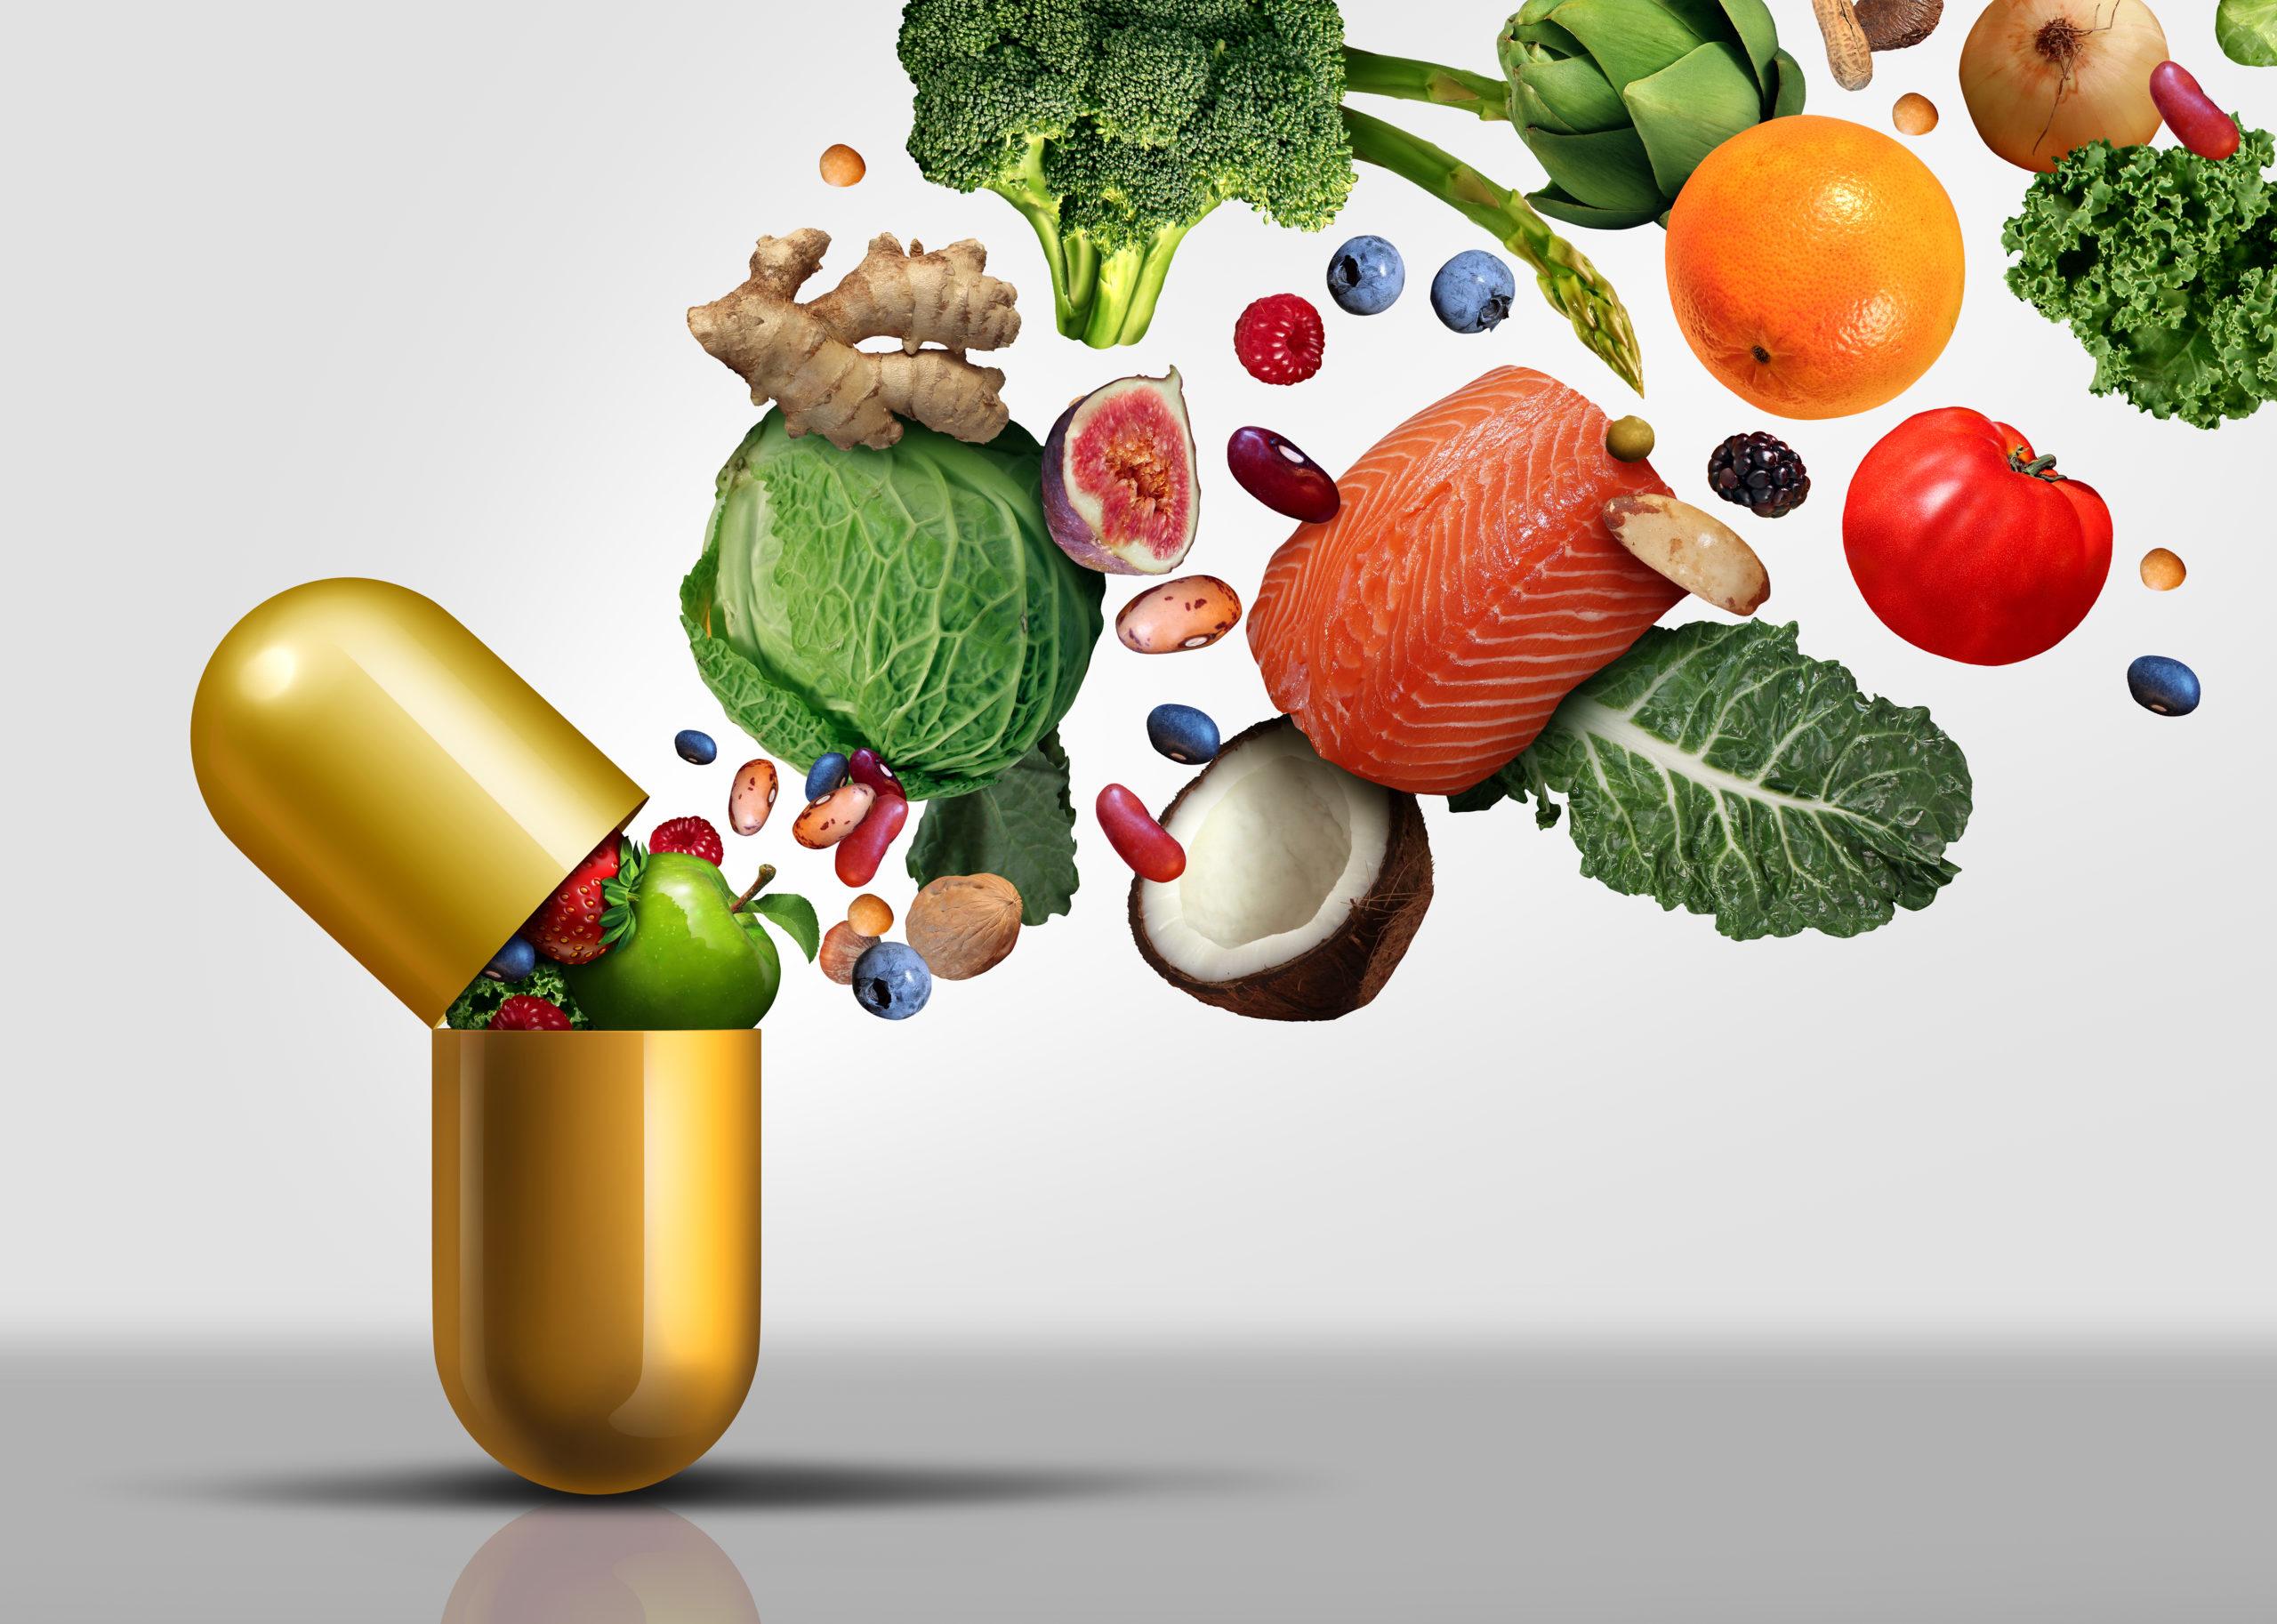 México crea pastillas nutritivas para sustituir alimentos, en caso de una crisis ambiental